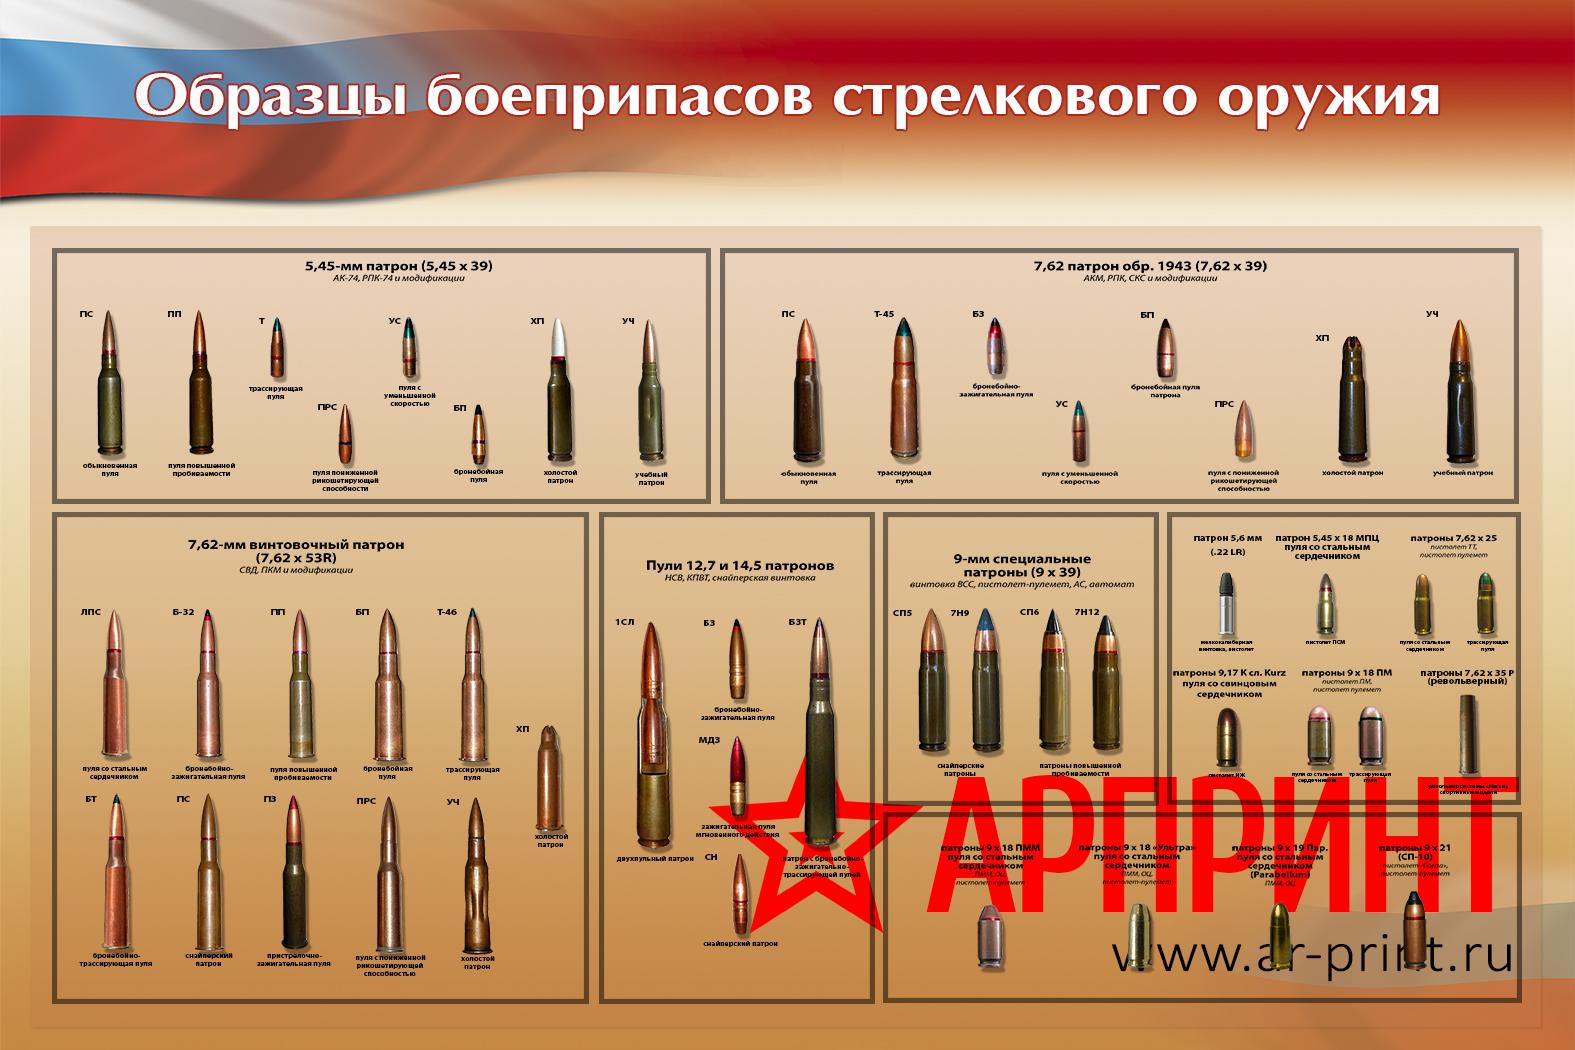 Образцы боеприпасов стрелкового оружия